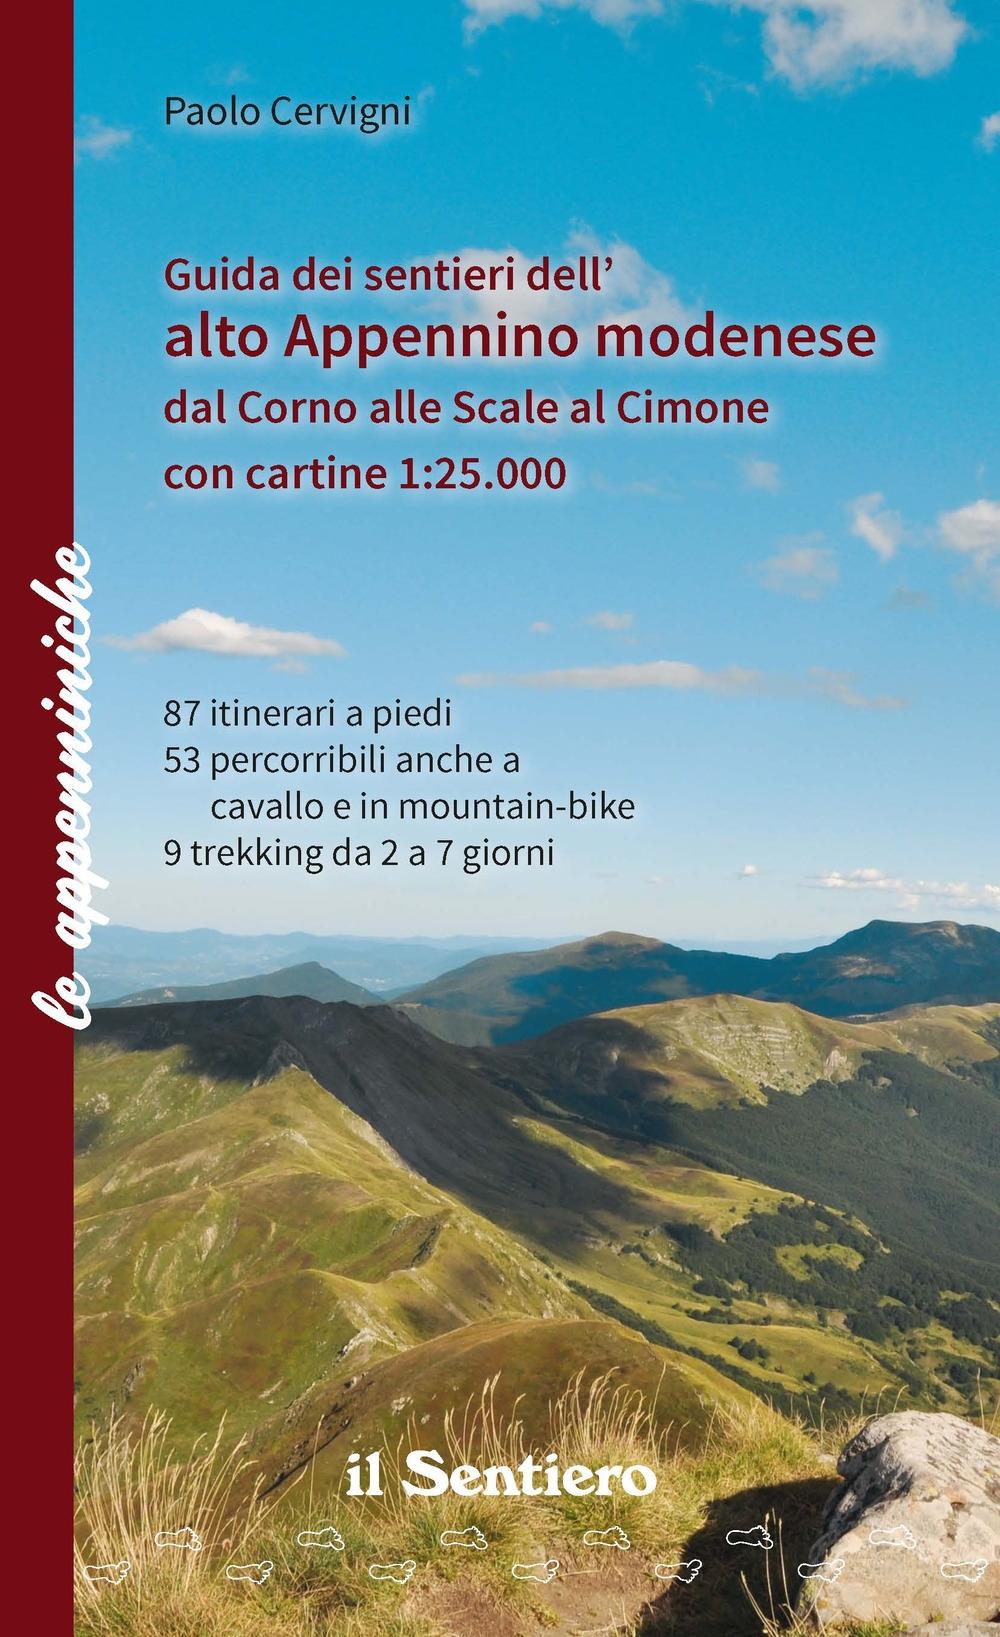 Guida dei sentieri dell'alto appennino modenese dal Corno alle Scale al Cimone. Con cartine 1:25.000